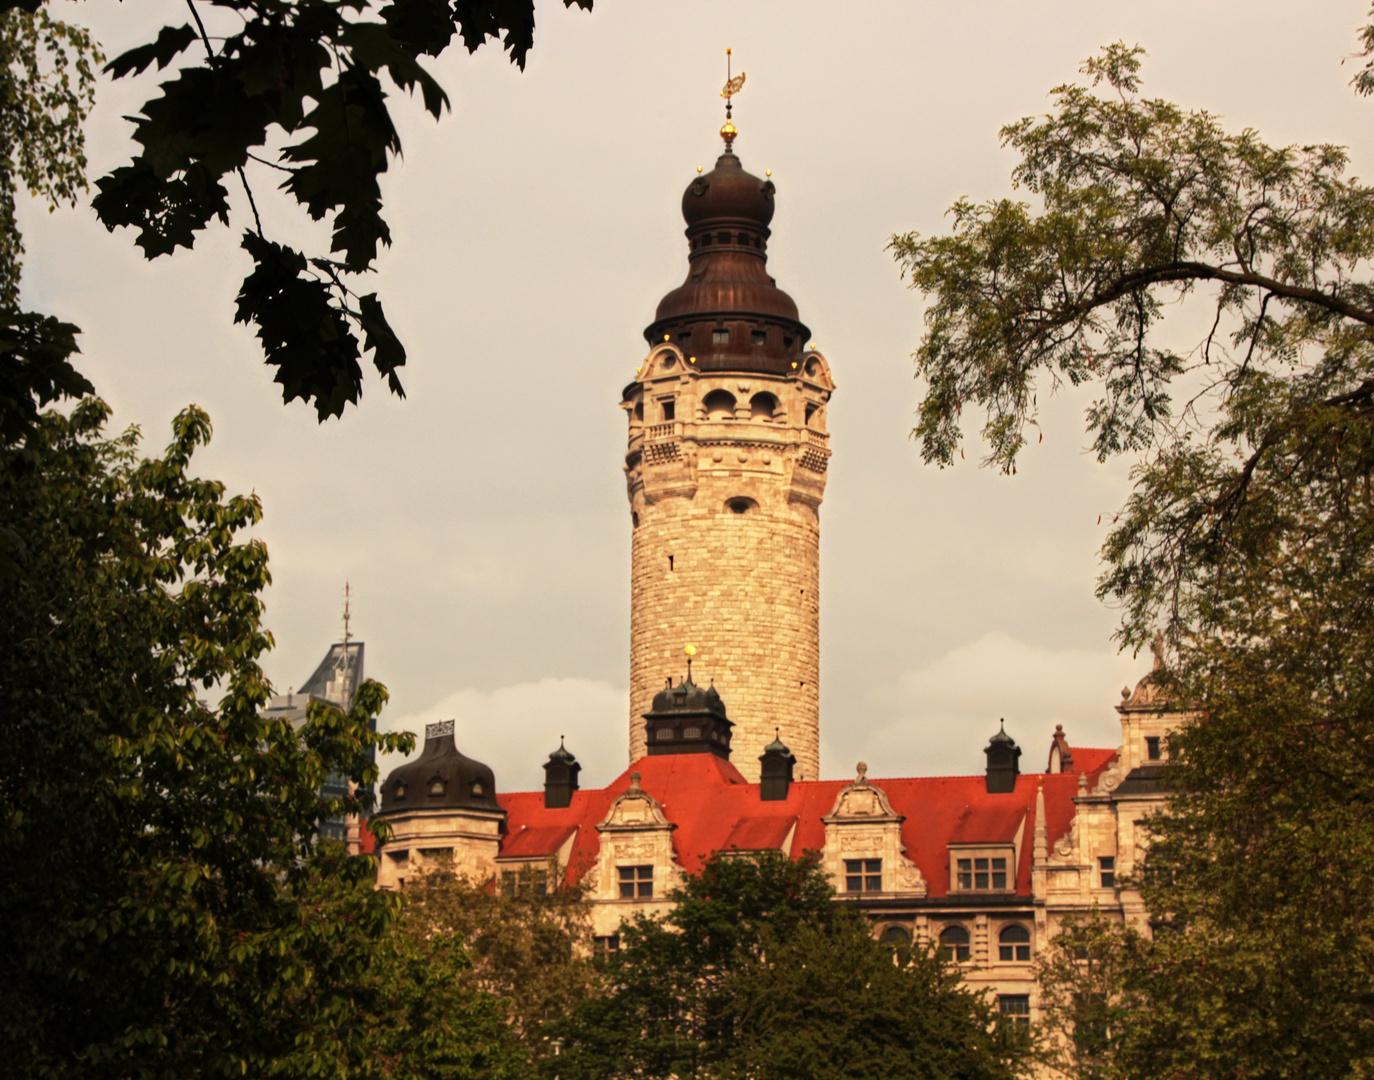 Leipziger Rathaus im Frühlingszauber